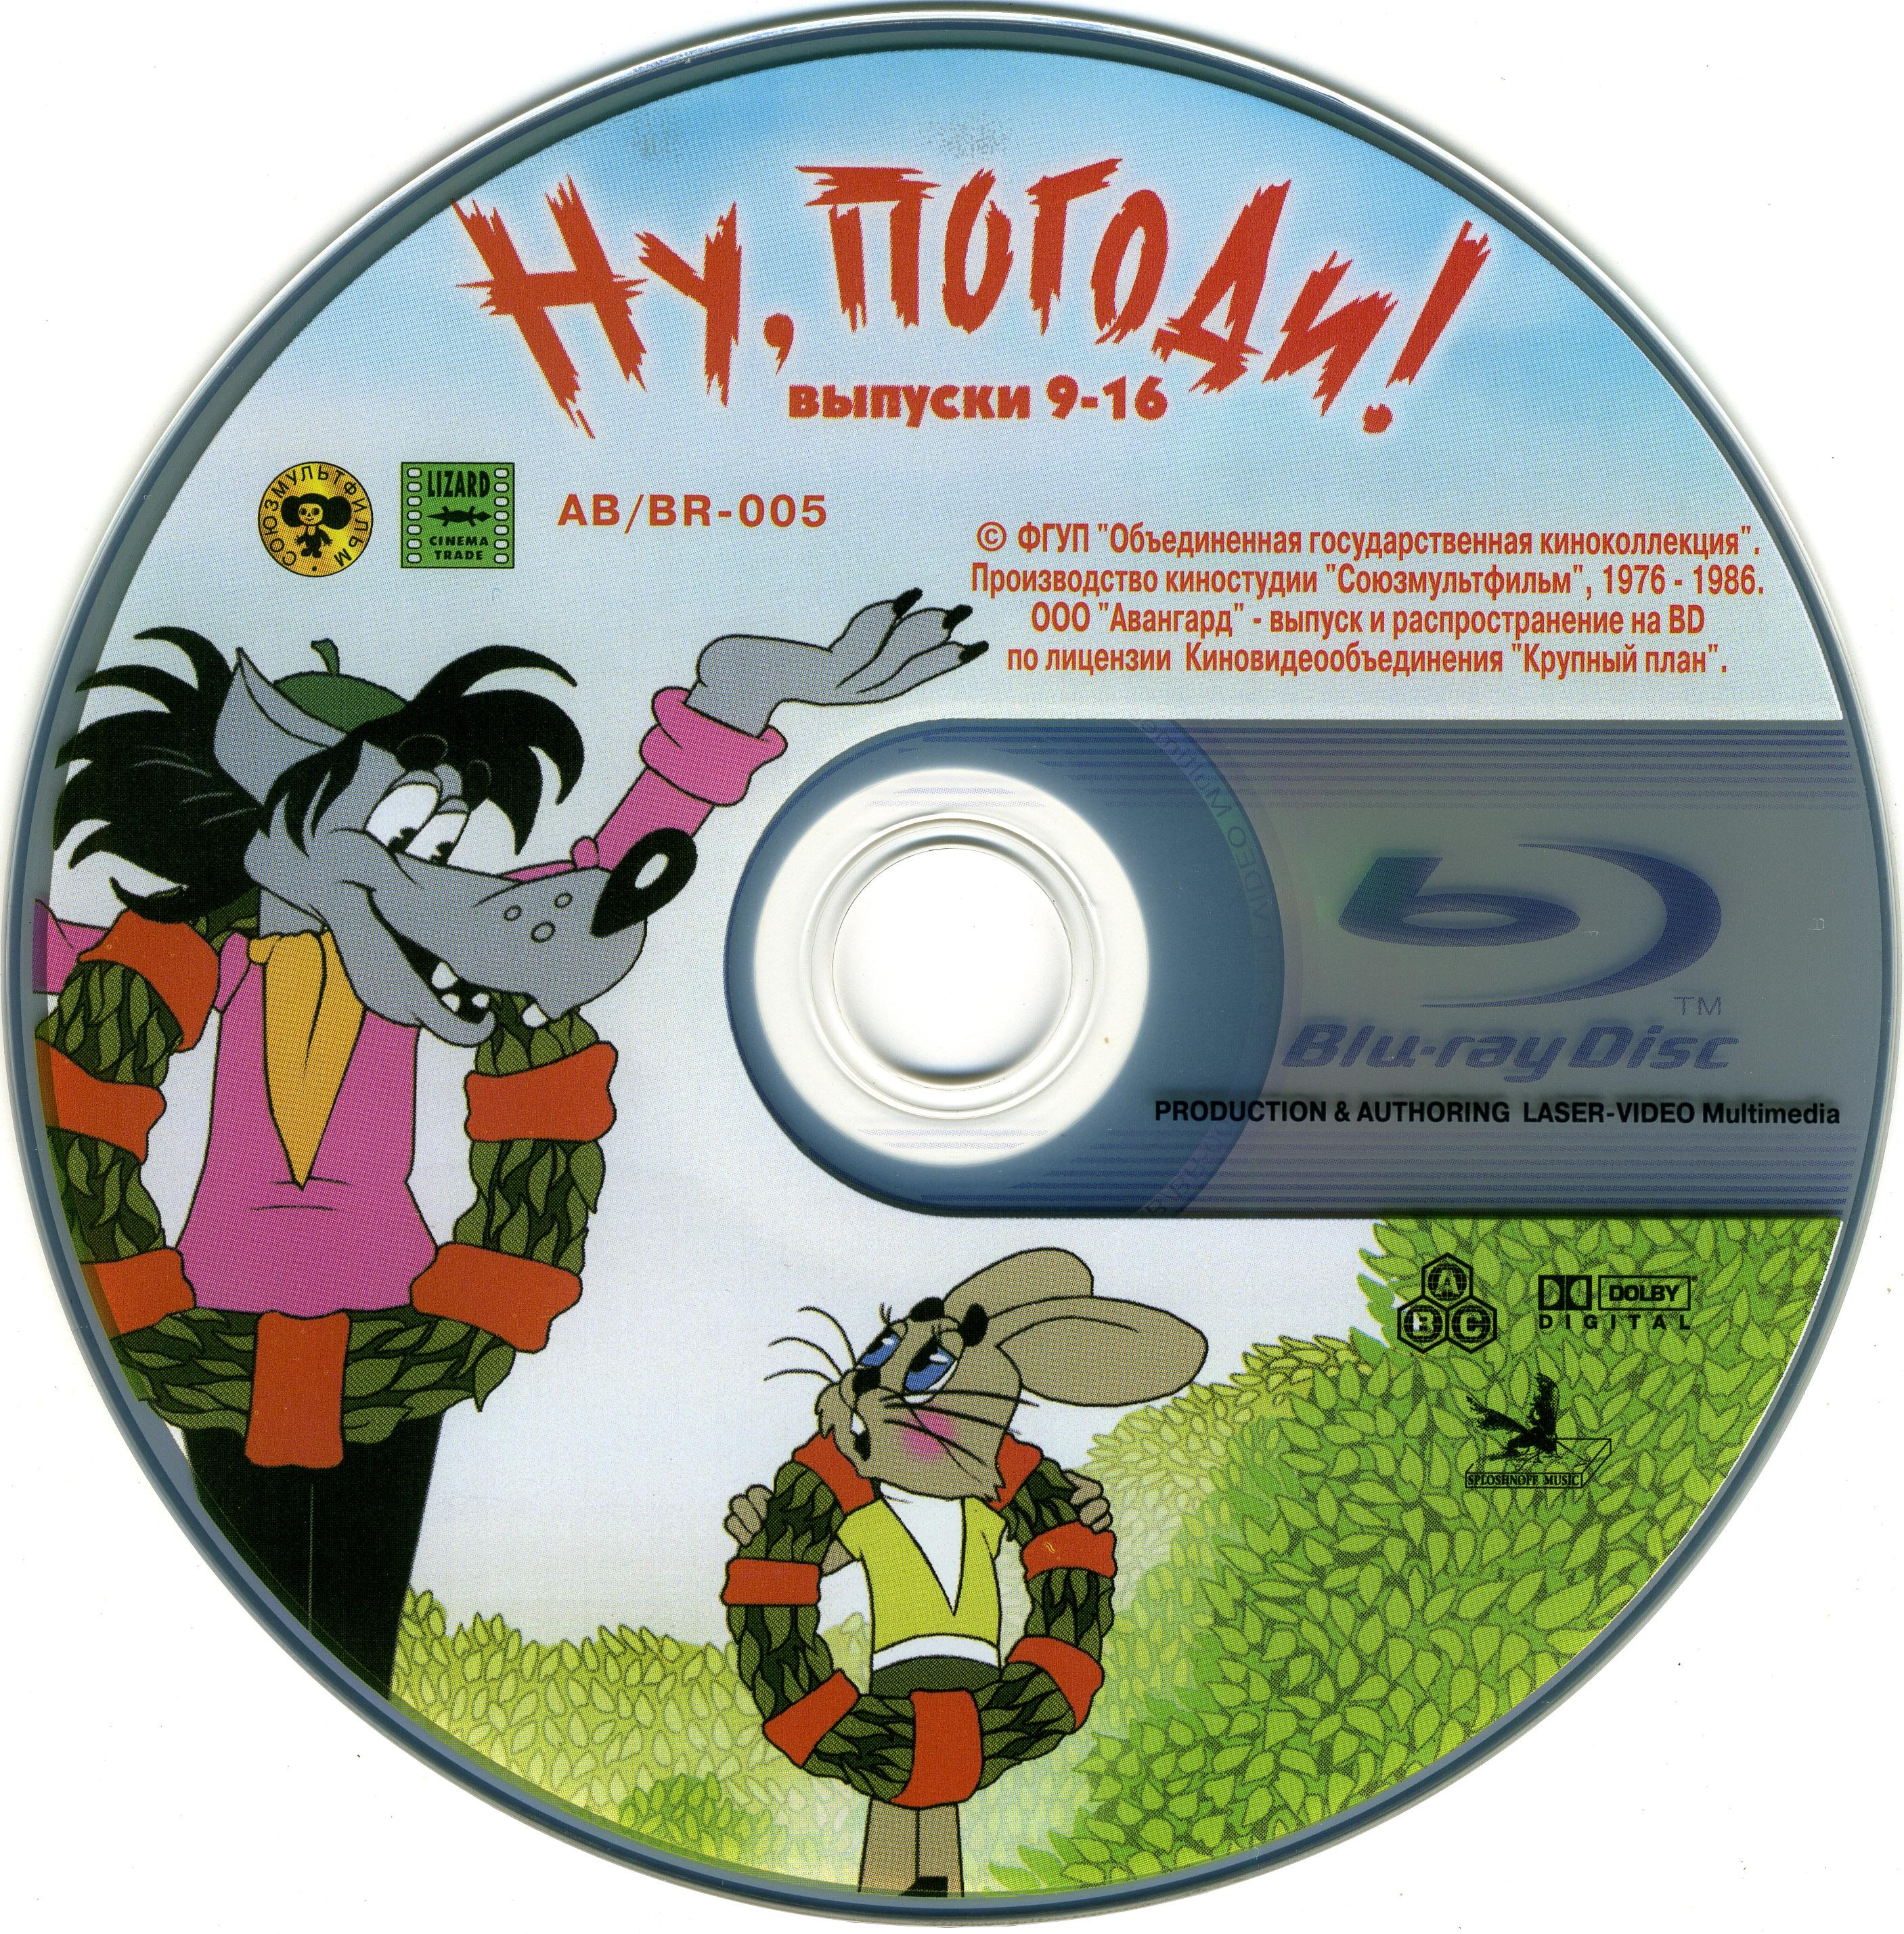 http://i4.imageban.ru/out/2011/10/31/6b78686475419bb11c310ab08bfcb4a2.jpg